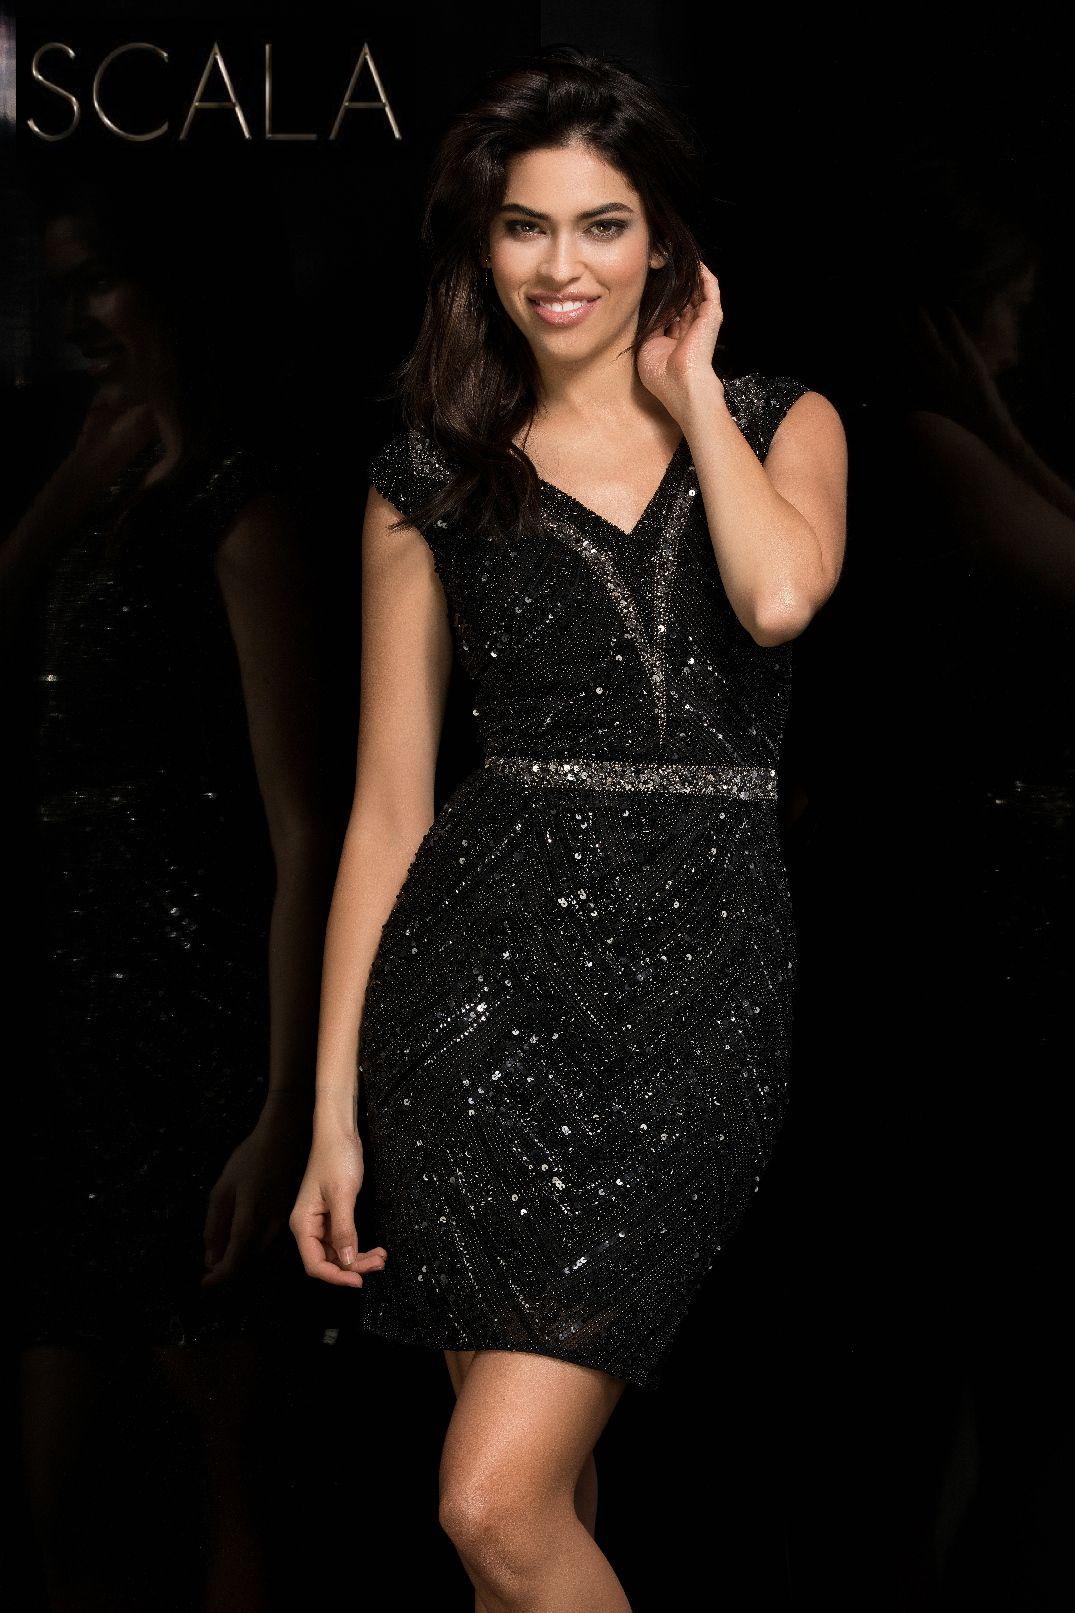 Evening dresses prom dresses by scalaucbrueascucbruedouble v